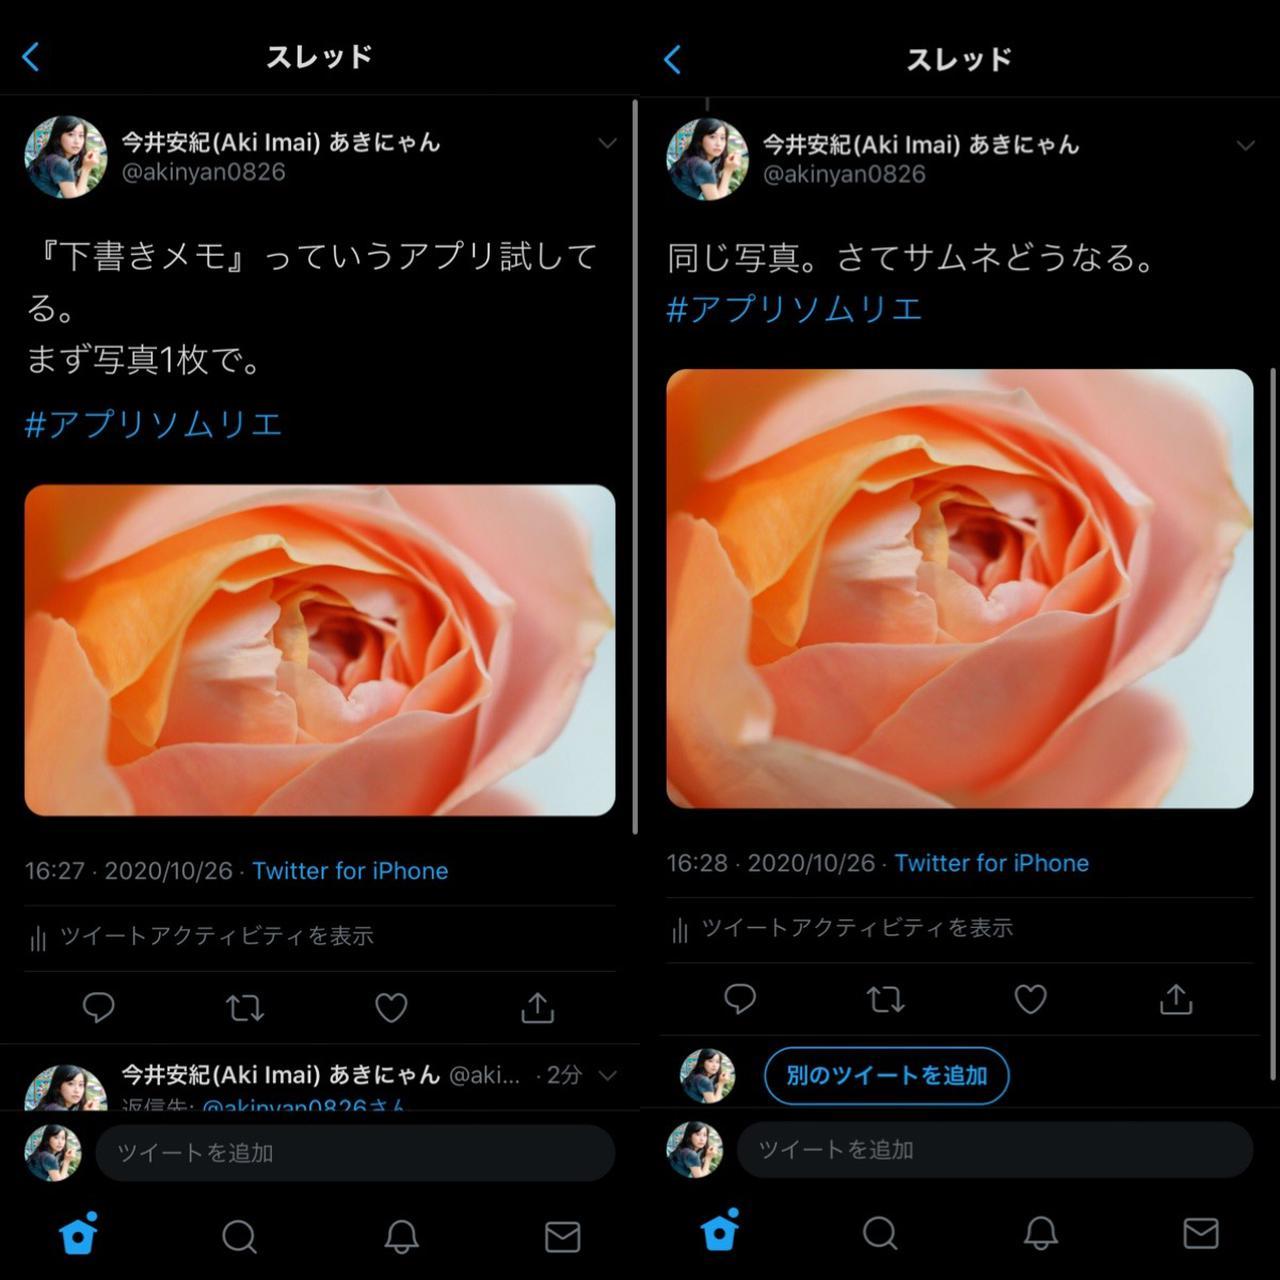 画像1: 画像の枚数ごとにTwitterクライアントで投稿したものと比較してみました。